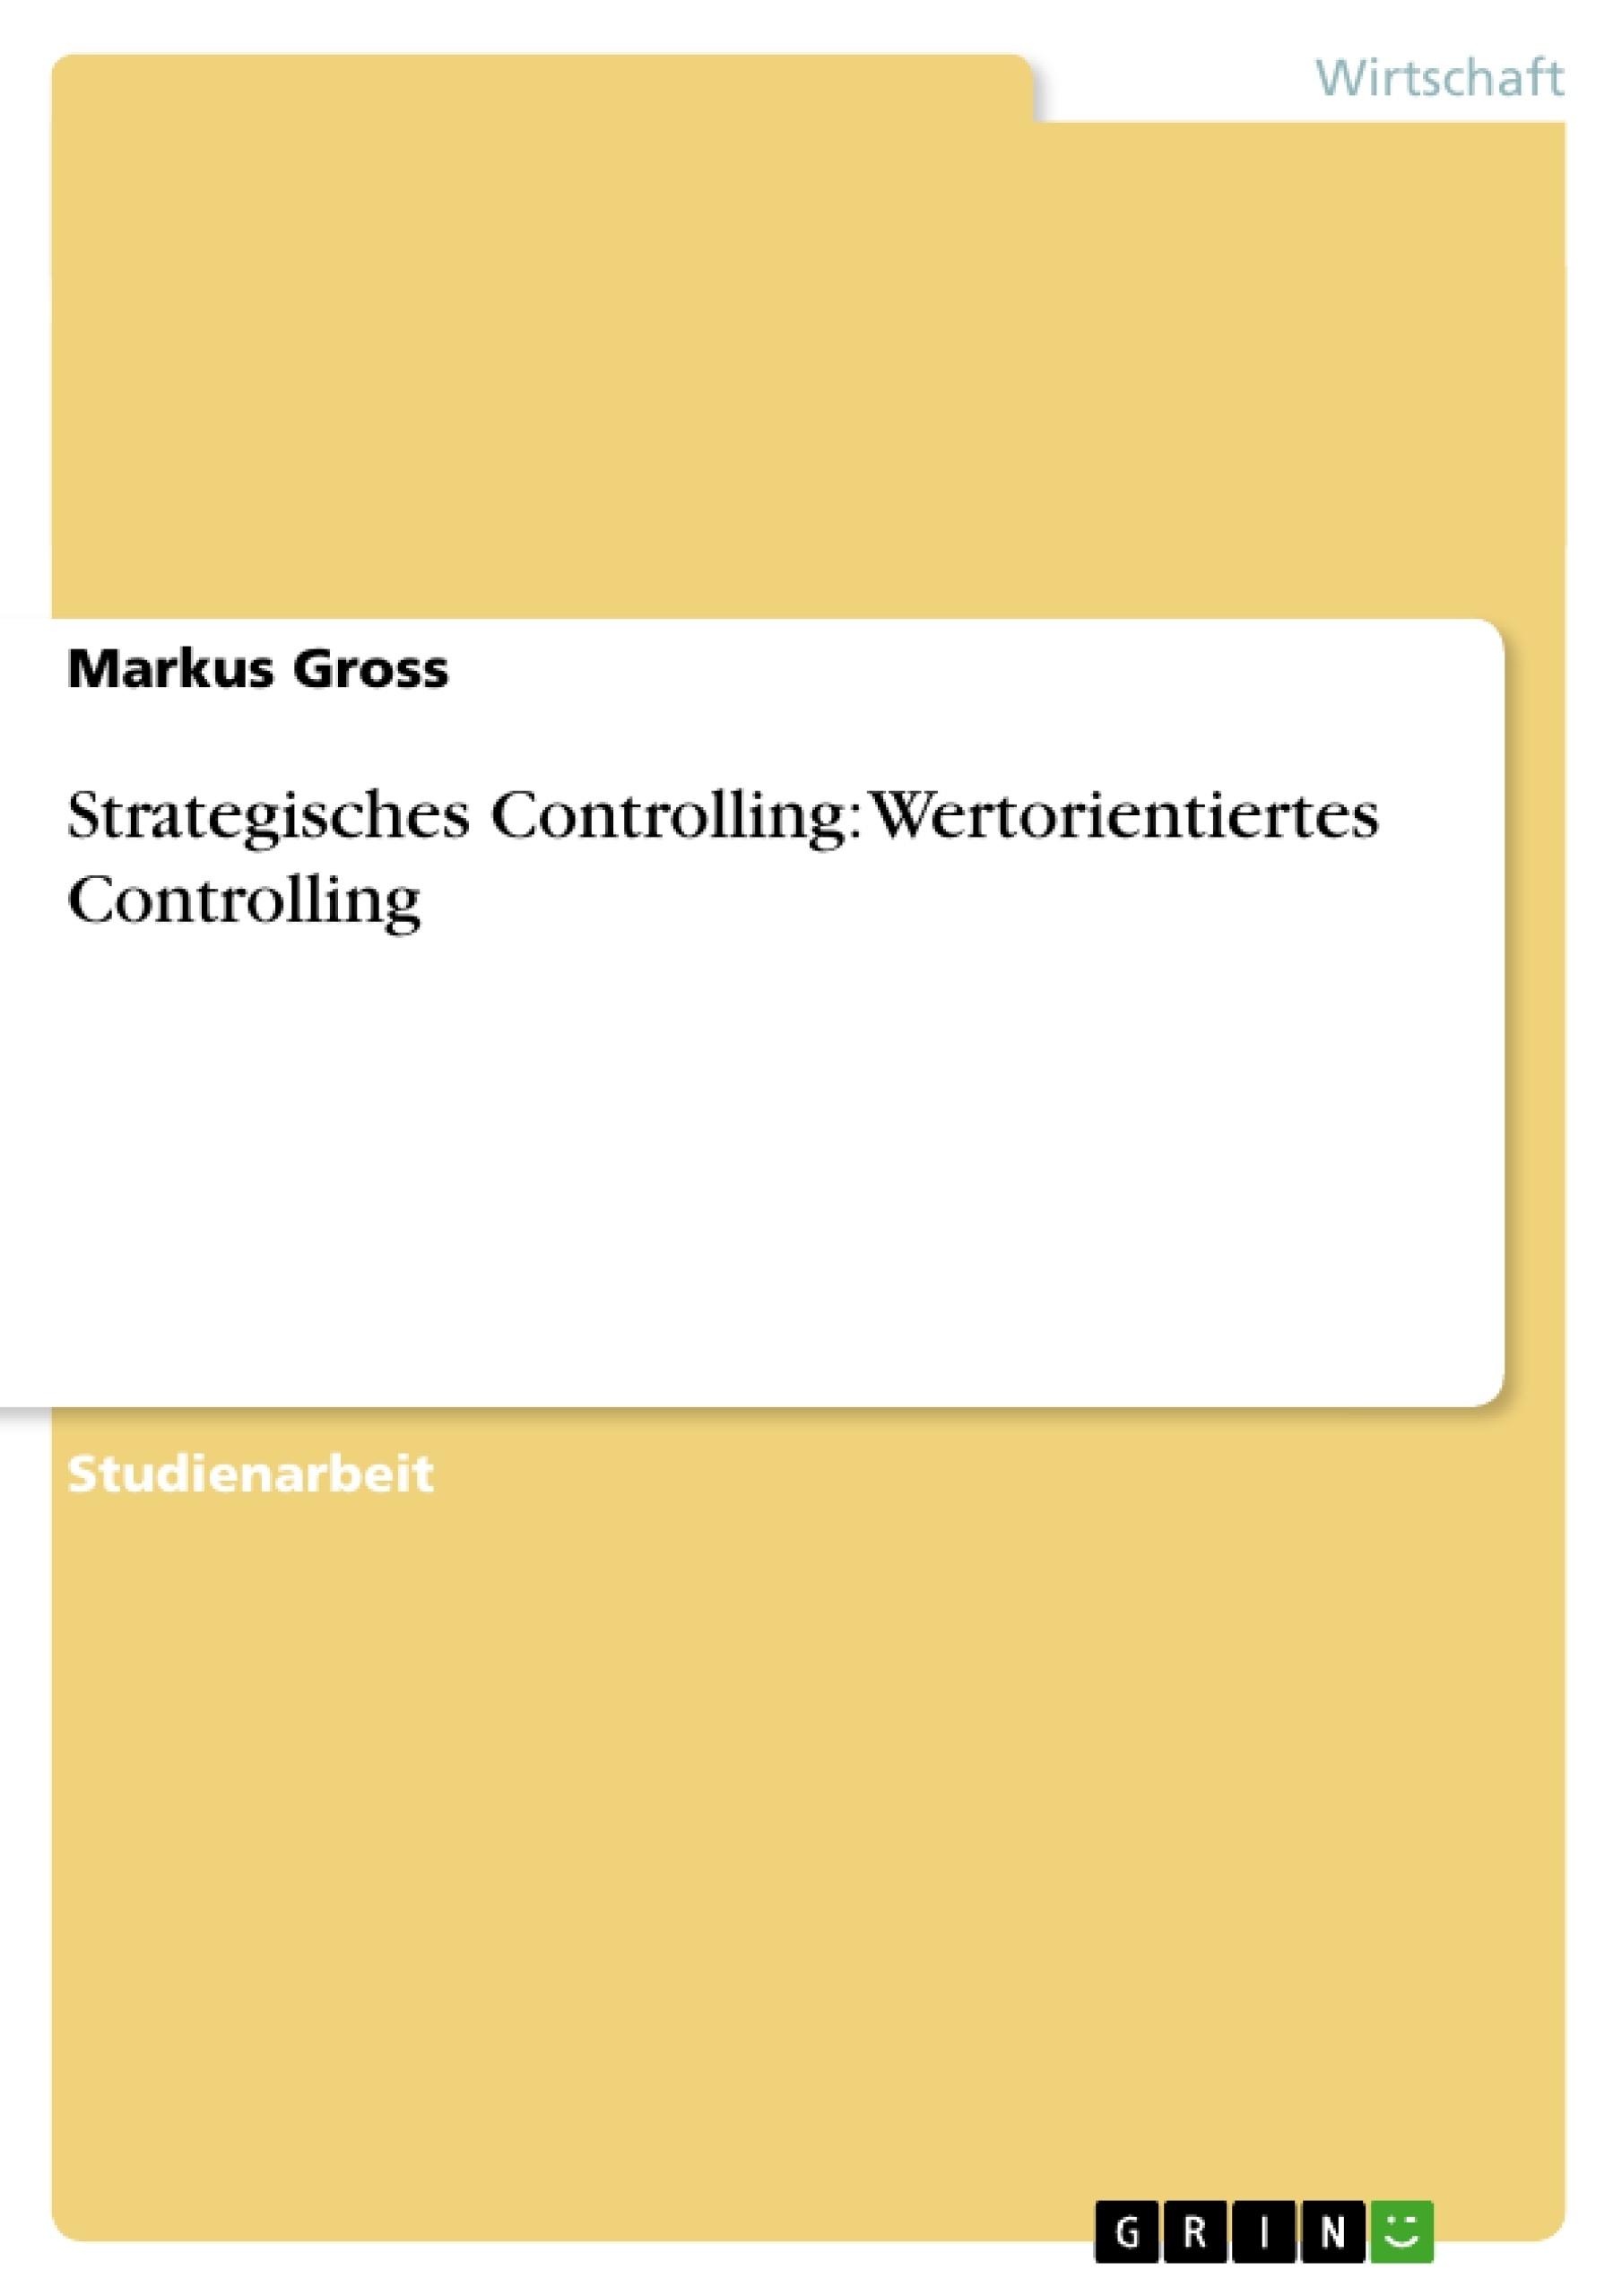 Titel: Strategisches Controlling: Wertorientiertes Controlling